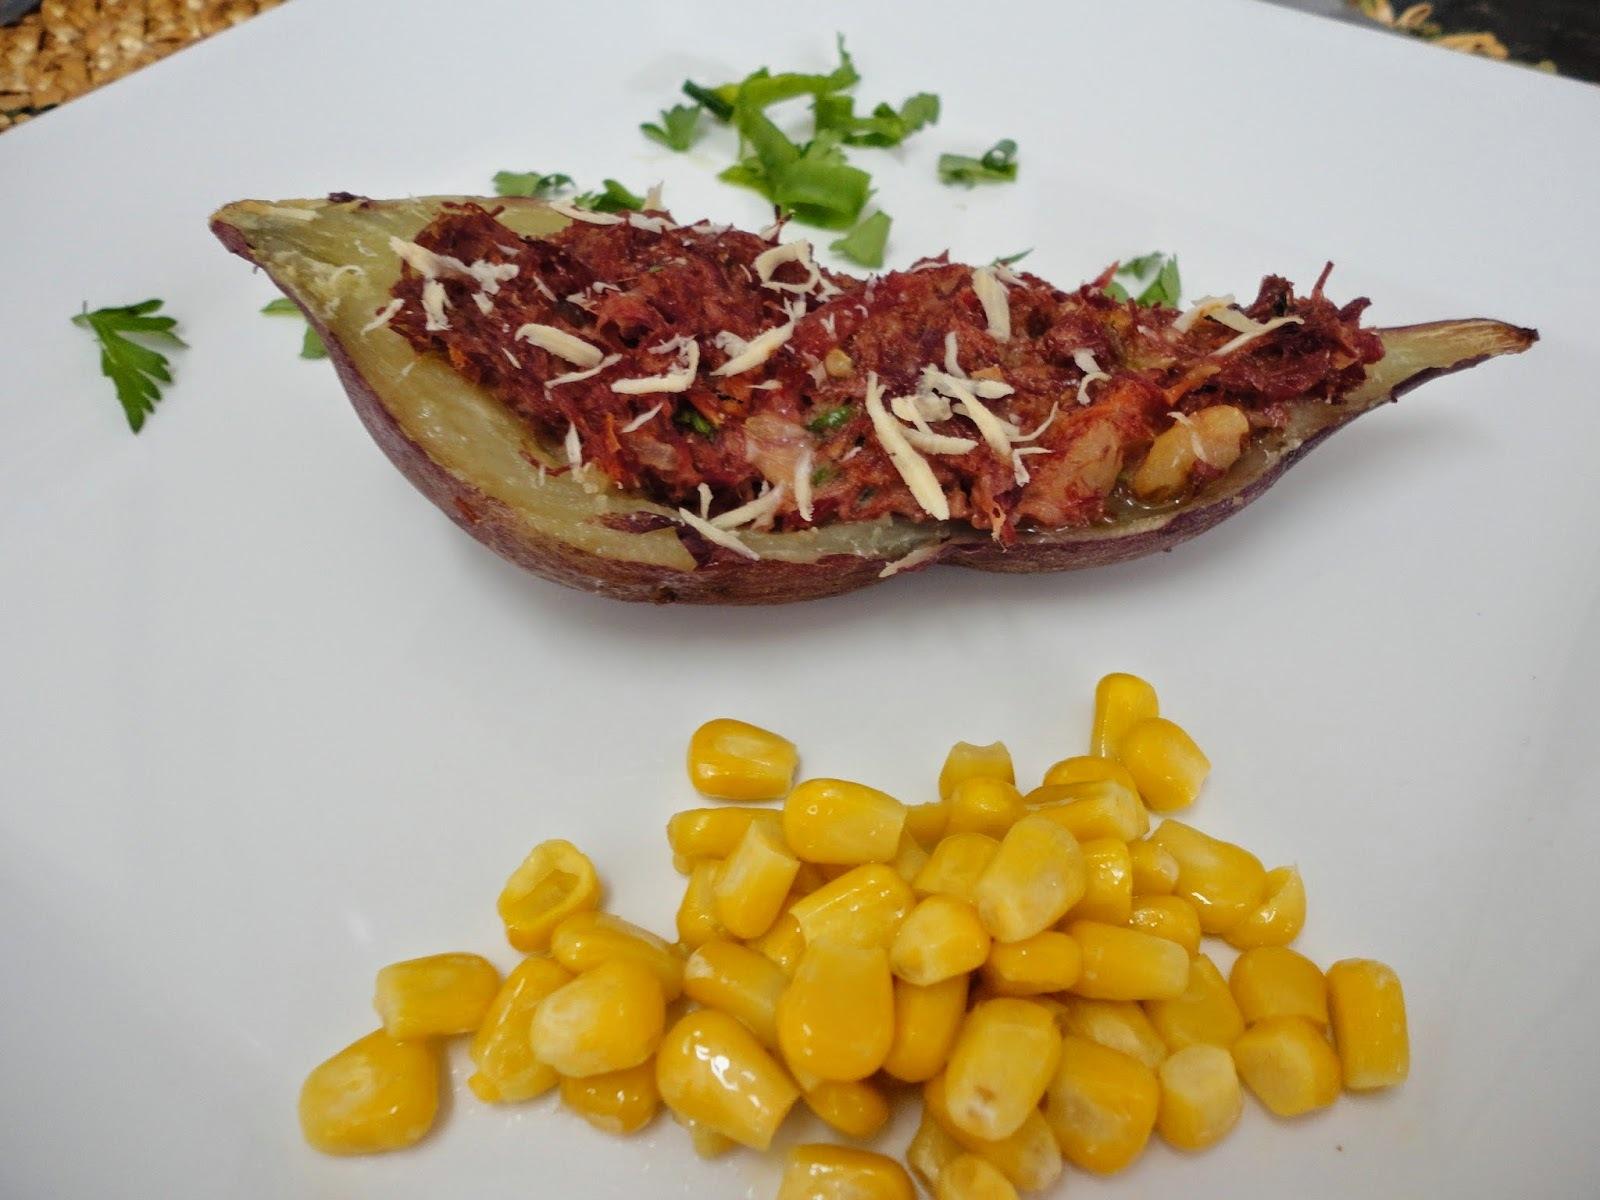 batata doce recheada com carne seca